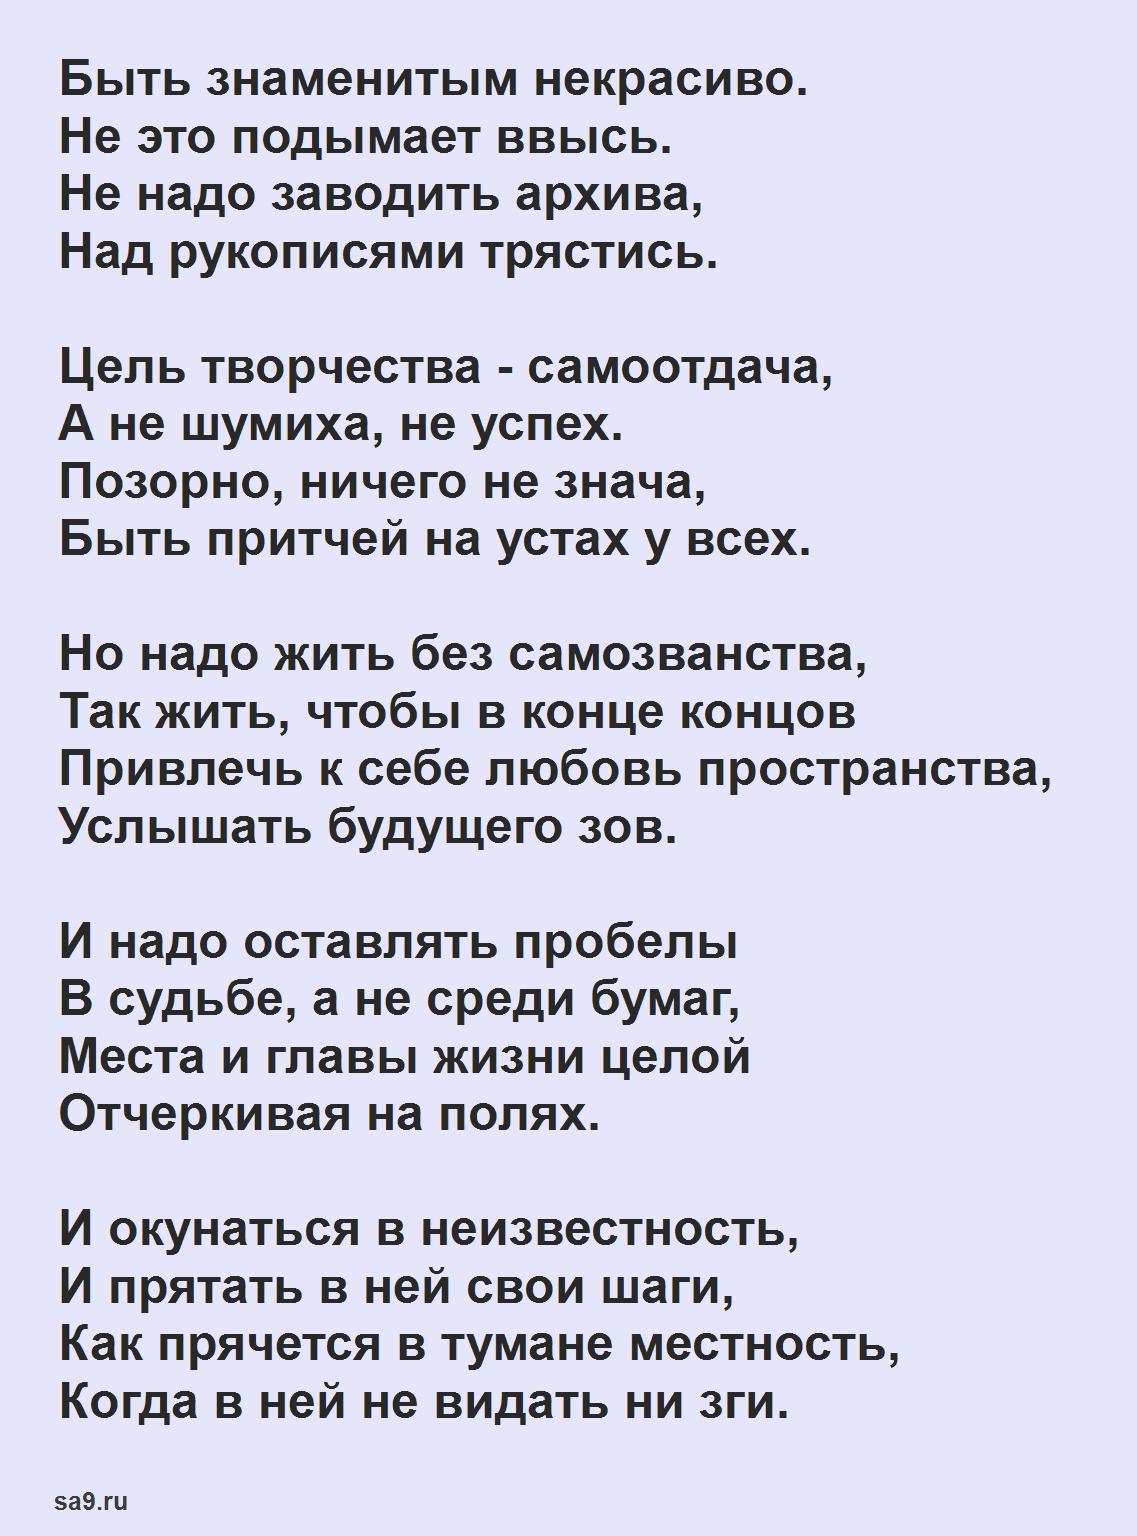 Пастернак стихи - Быть знаменитым некрасиво, 20 строк